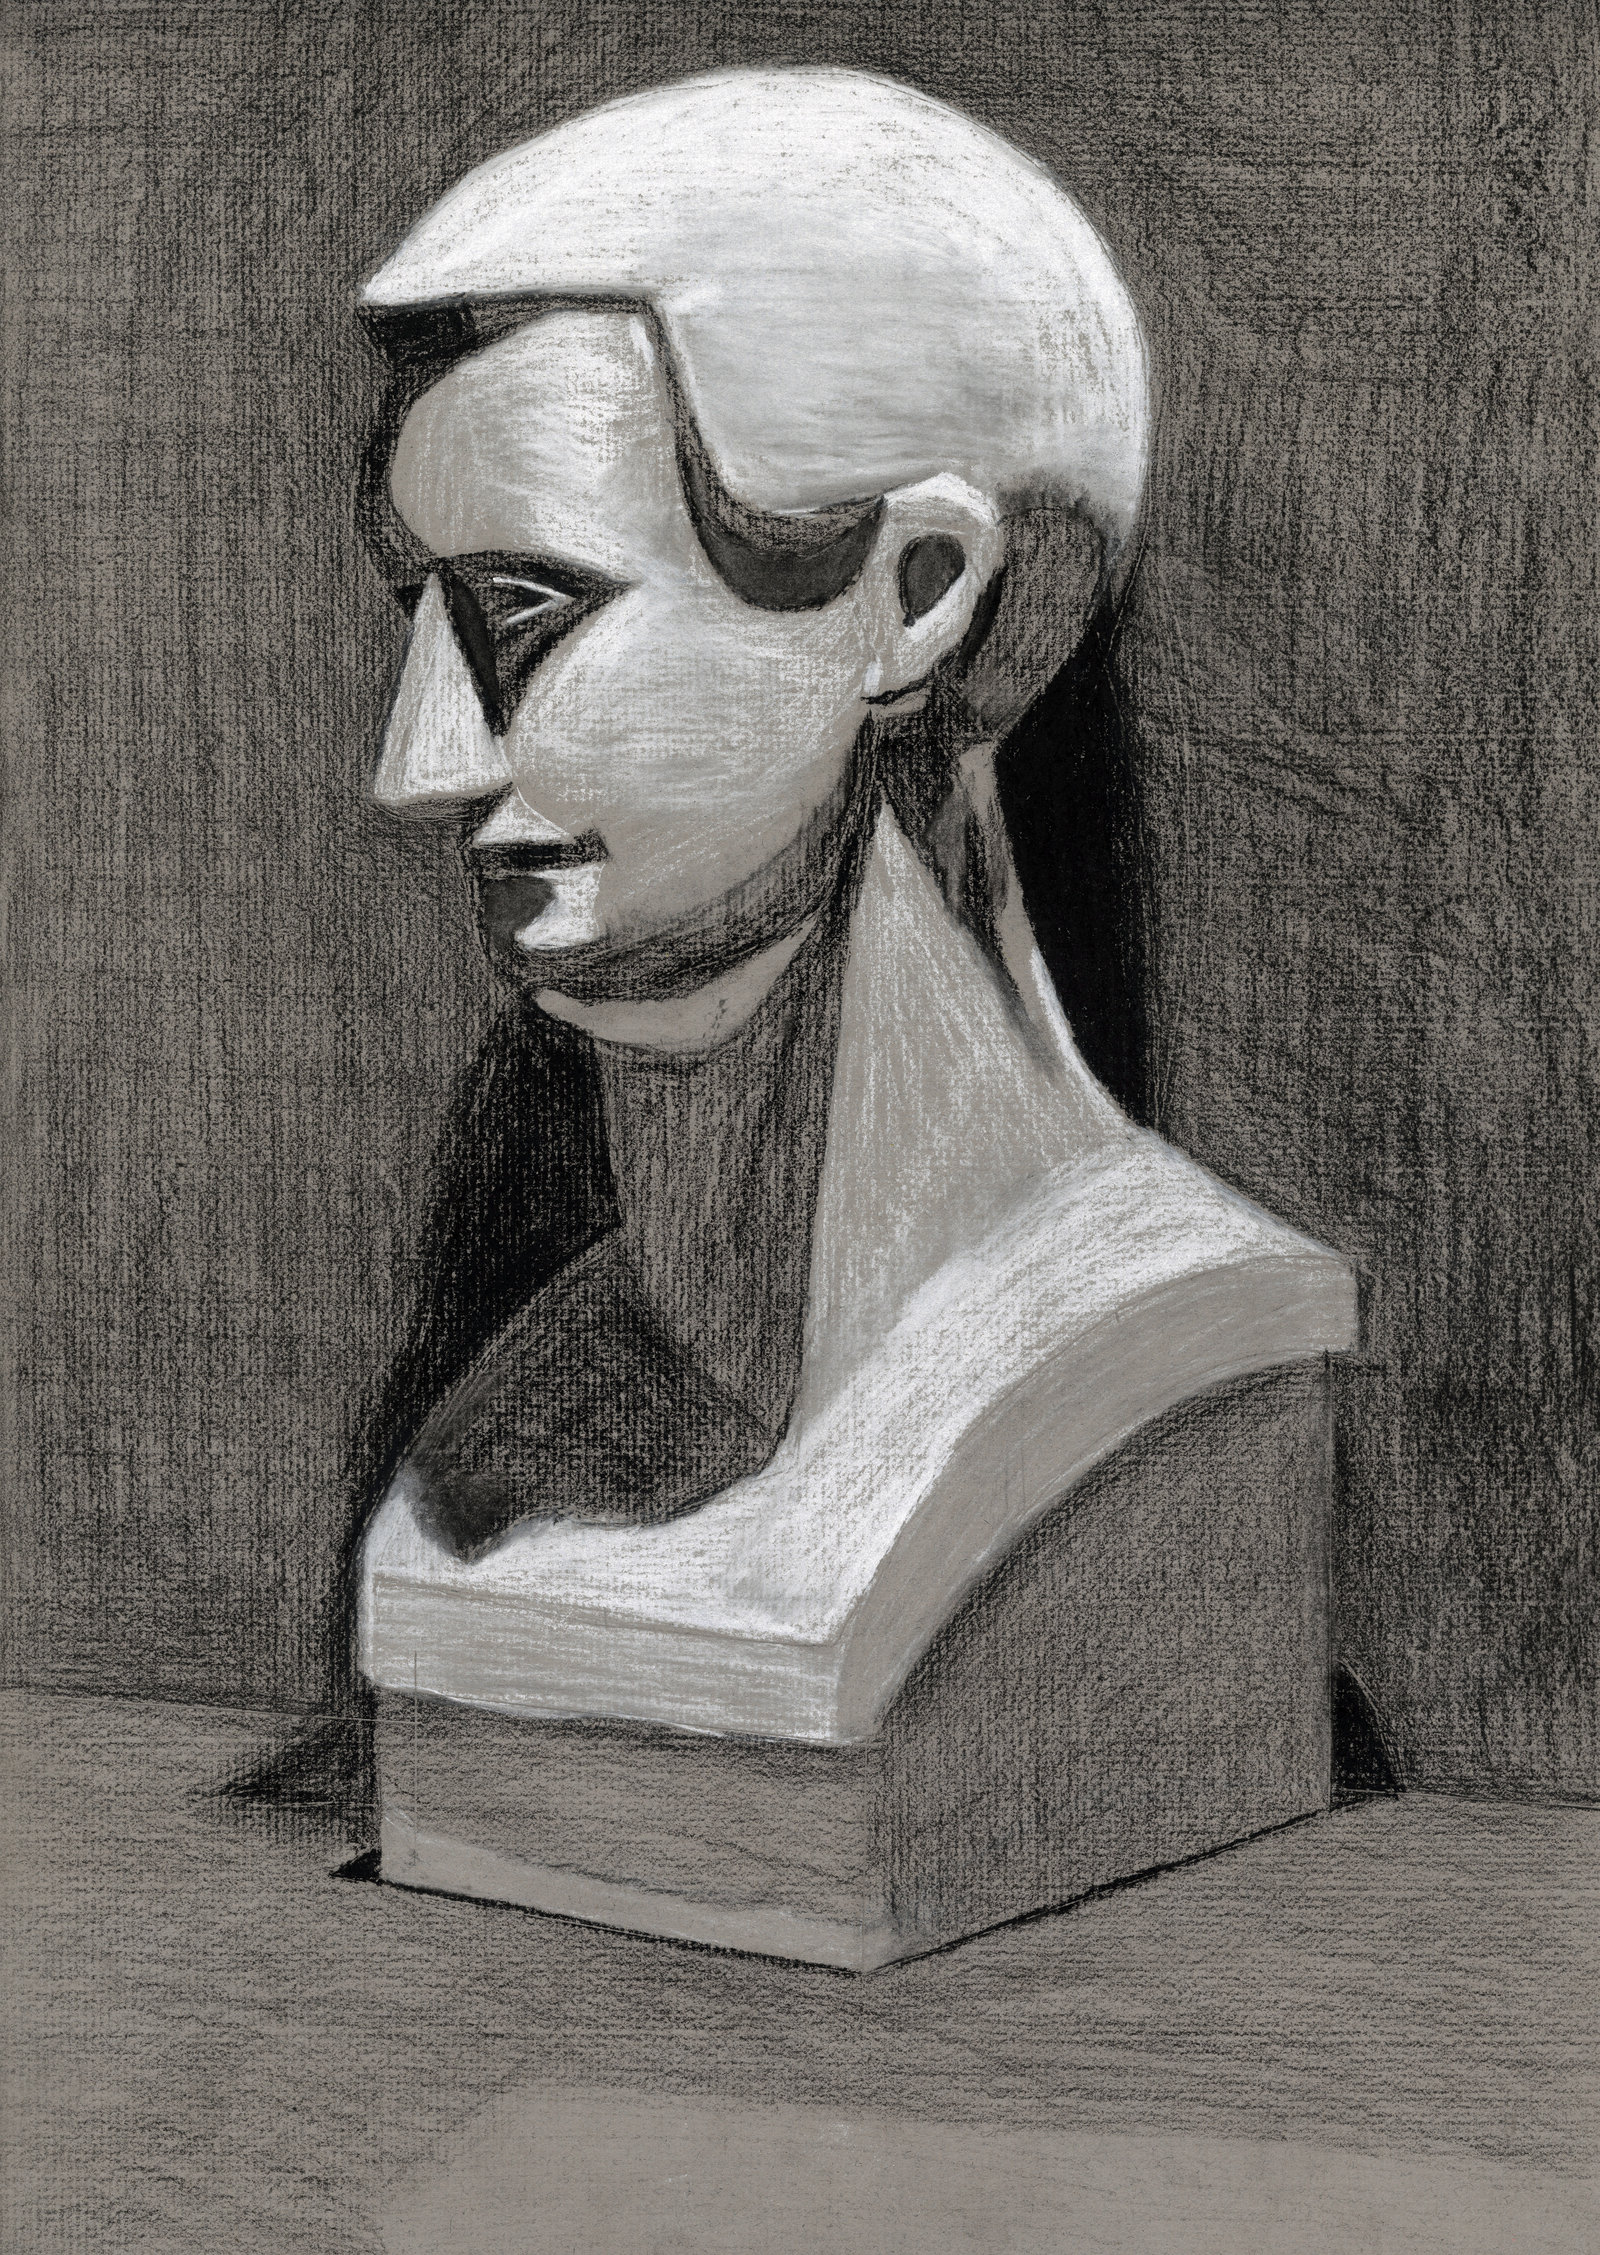 Drawn still life conte crayon By  DeviantArt Head Still